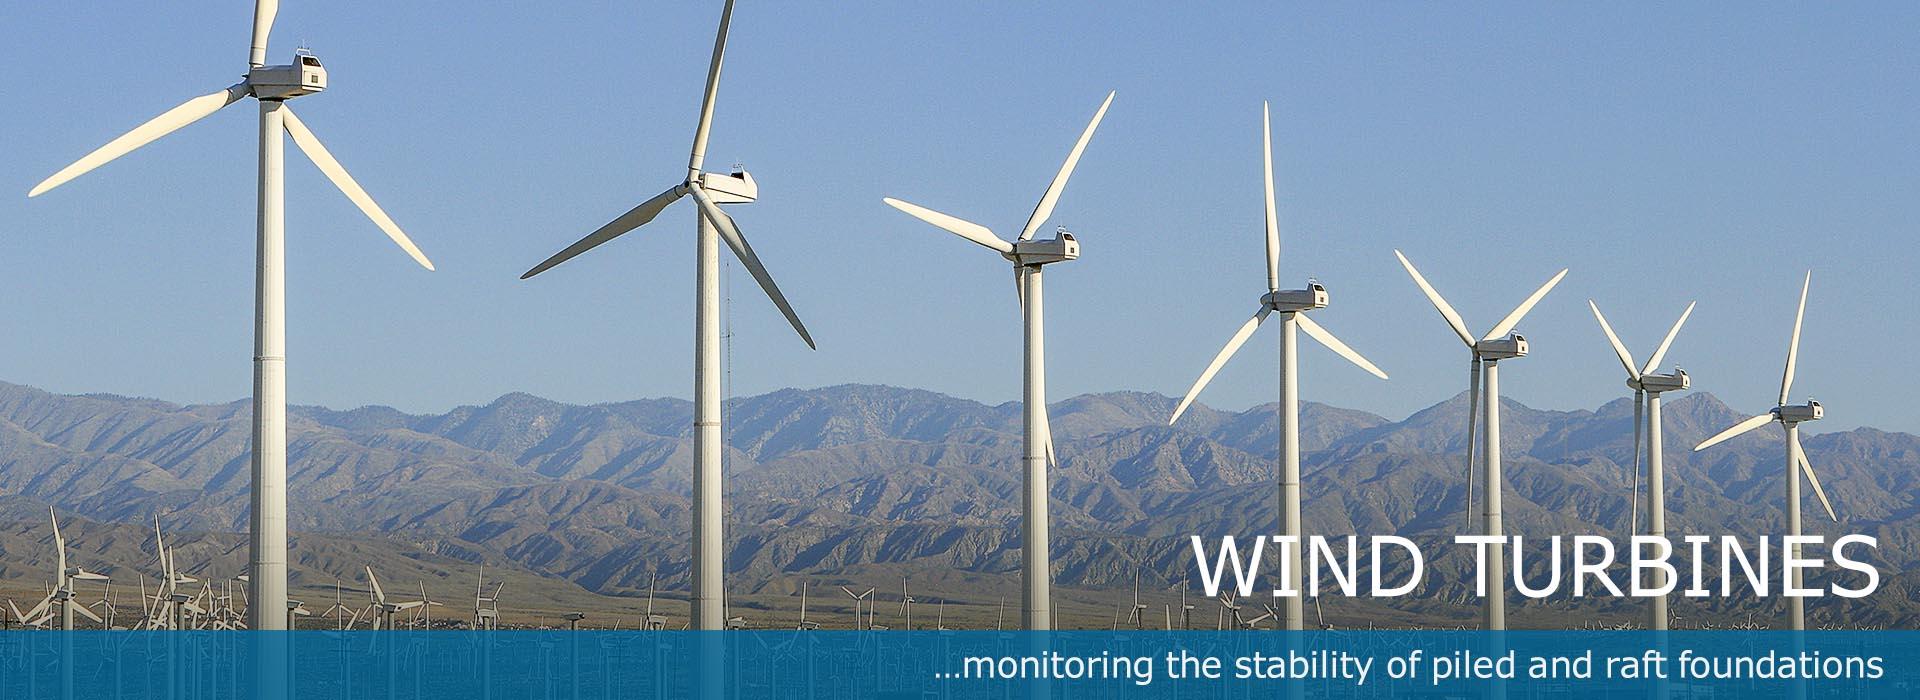 Thiết bị quan trắc turbin điện gió